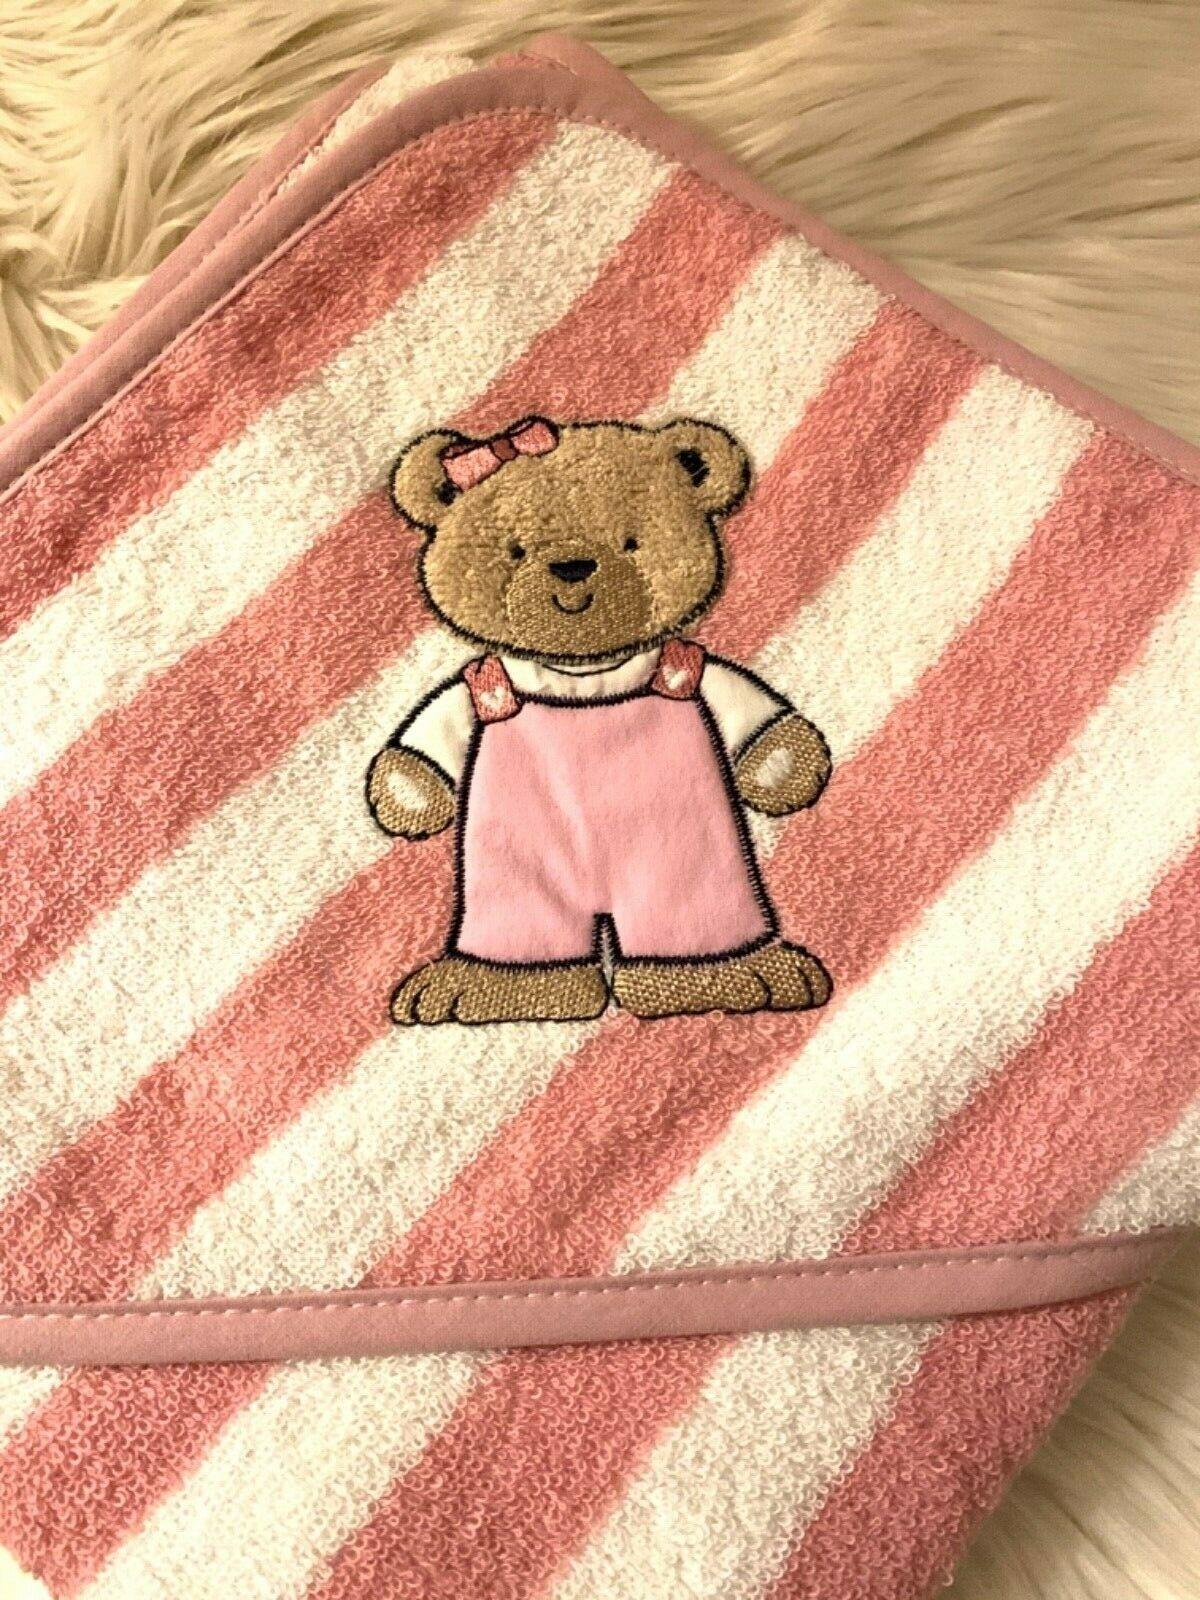 Kapuzenhandtuch Babybadetuch Handtuch Kinder groß 100cm x 100cm Öko-Tex NEU !!!